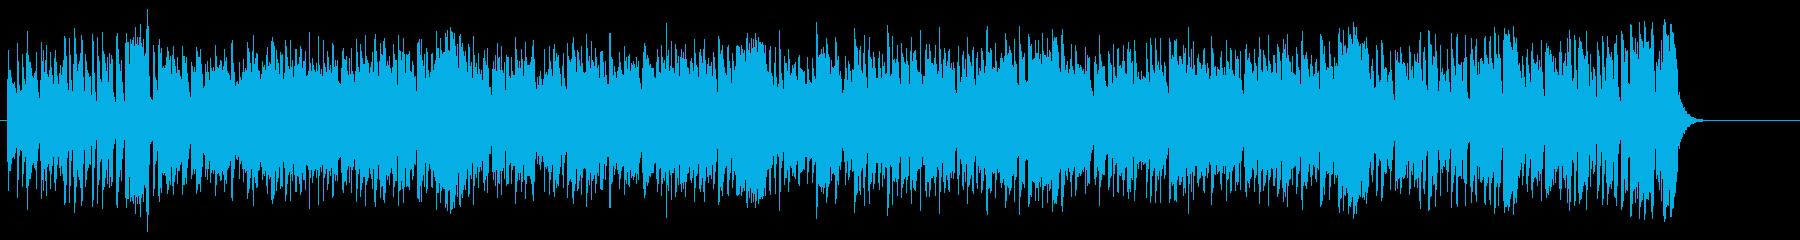 爽やかな情報向けフュージョン/BGの再生済みの波形